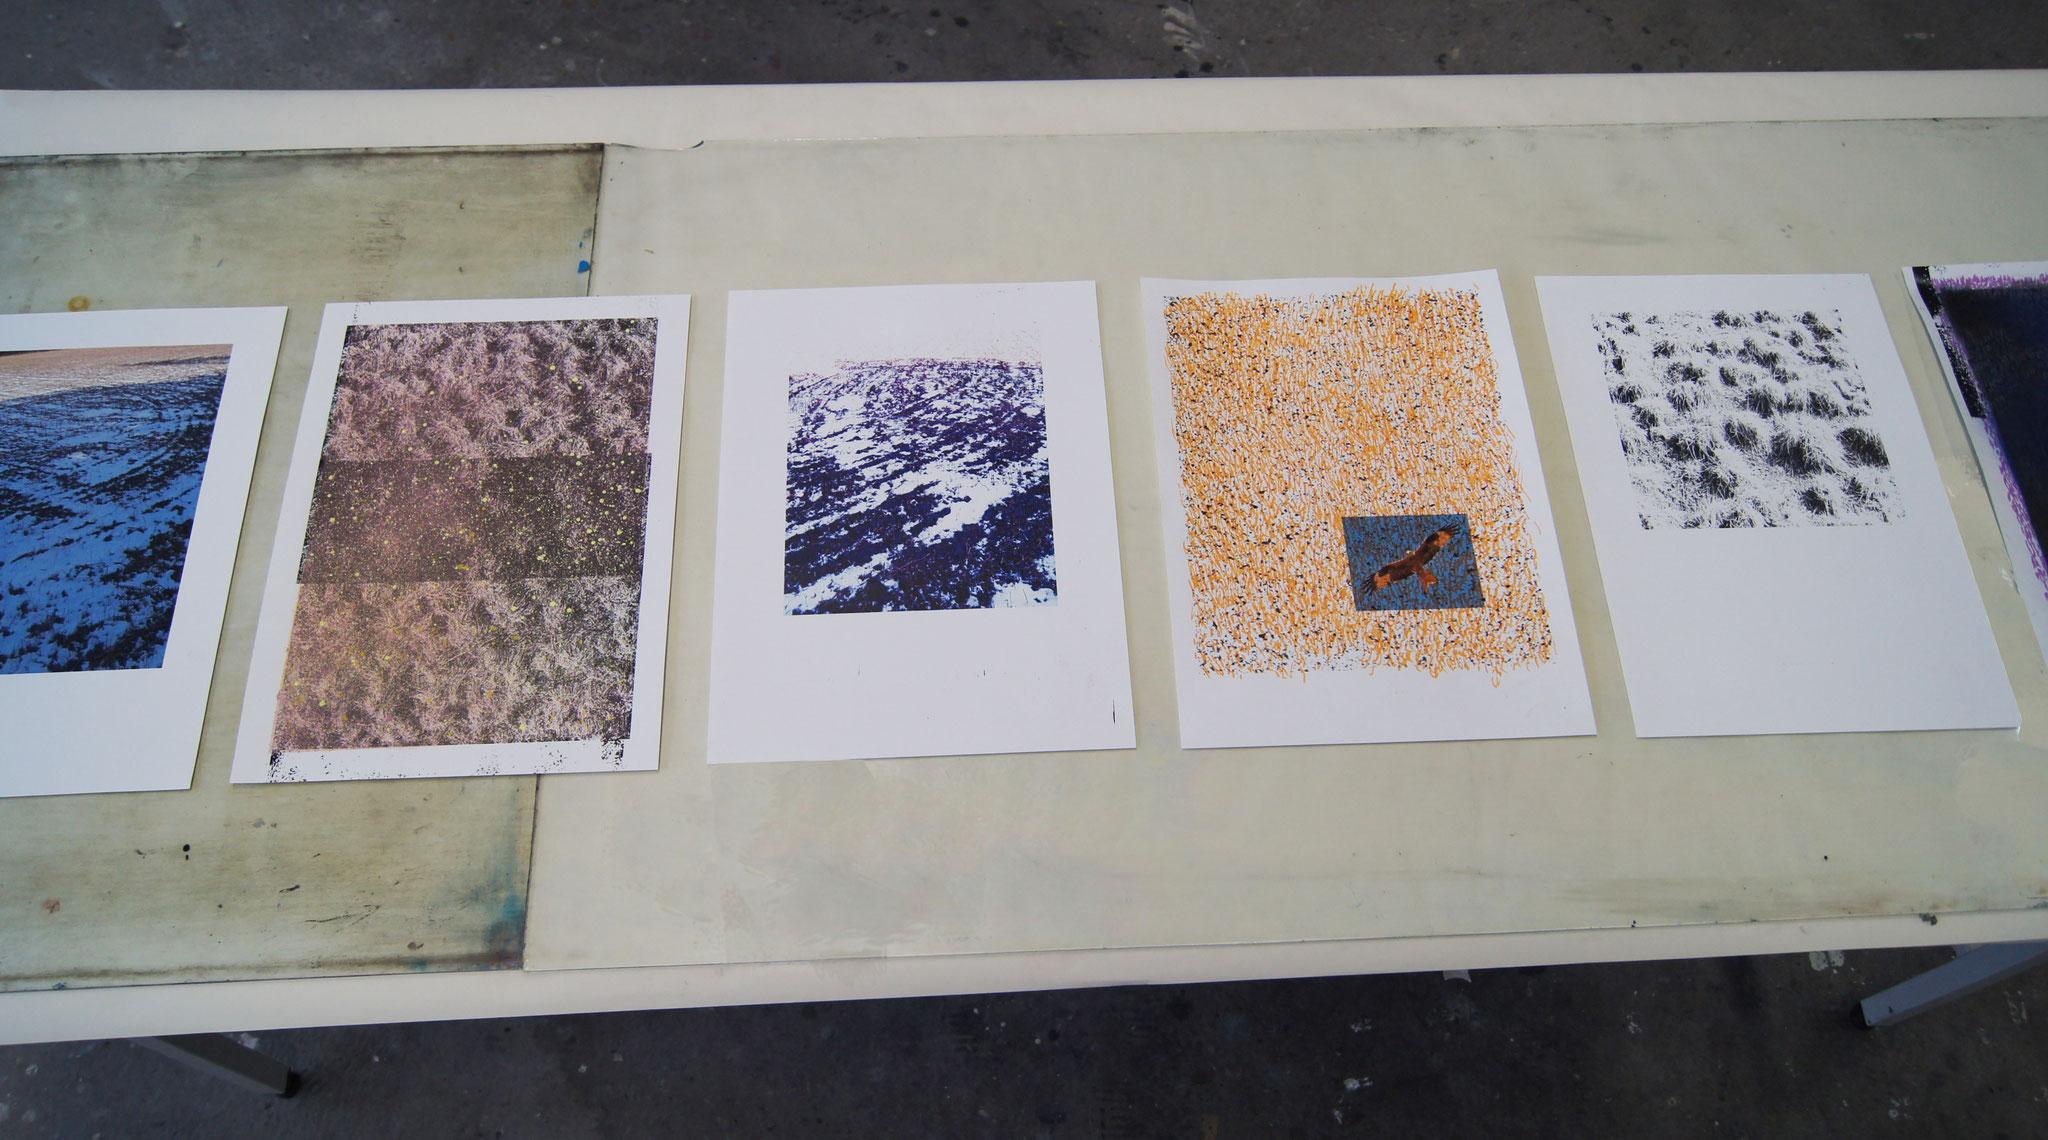 Feld 1-6, Digitalfotografie, Zeichnung, Acrylspray,Markierungsspray  29,7cm x 42cm